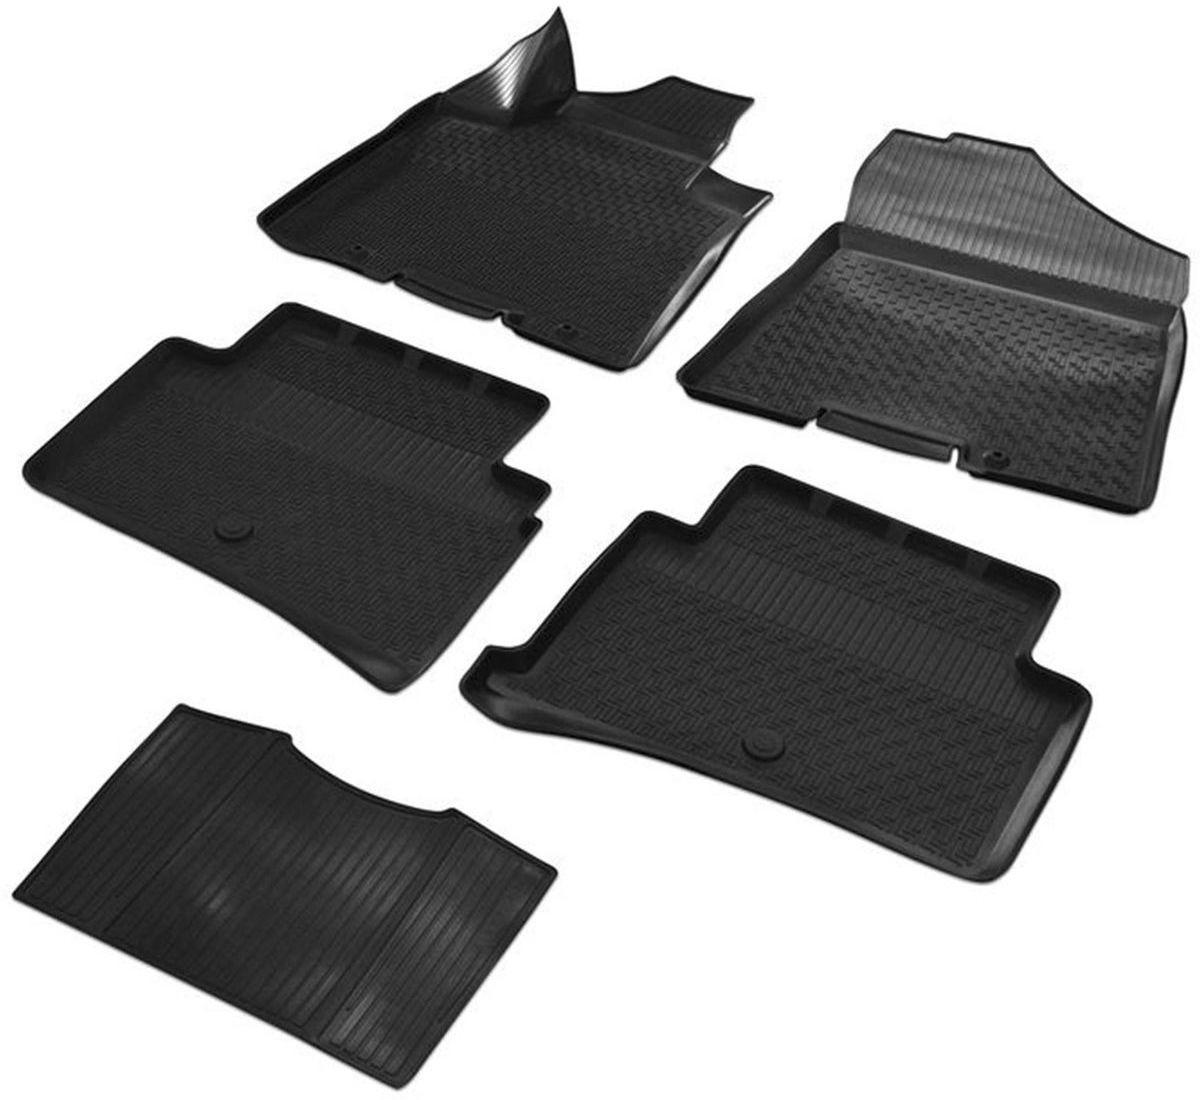 Коврики салона Rival для Hyundai Tucson 2016-, c перемычкой, полиуретан12309001Прочные и долговечные коврики Rival в салон автомобиля, изготовлены из высококачественного и экологичного сырья. Коврики полностью повторяют геометрию салона вашего автомобиля.- Надежная система крепления, позволяющая закрепить коврик на штатные элементы фиксации, в результате чего отсутствует эффект скольжения по салону автомобиля.- Высокая стойкость поверхности к стиранию.- Специализированный рисунок и высокий борт, препятствующие распространению грязи и жидкости по поверхности коврика.- Перемычка задних ковриков в комплекте предотвращает загрязнение тоннеля карданного вала.- Коврики произведены из первичных материалов, в результате чего отсутствует неприятный запах в салоне автомобиля.- Высокая эластичность, можно беспрепятственно эксплуатировать при температуре от -45°C до +45°C. Уважаемые клиенты! Обращаем ваше внимание, что коврики имеют форму, соответствующую модели данного автомобиля. Фото служит для визуального восприятия товара.